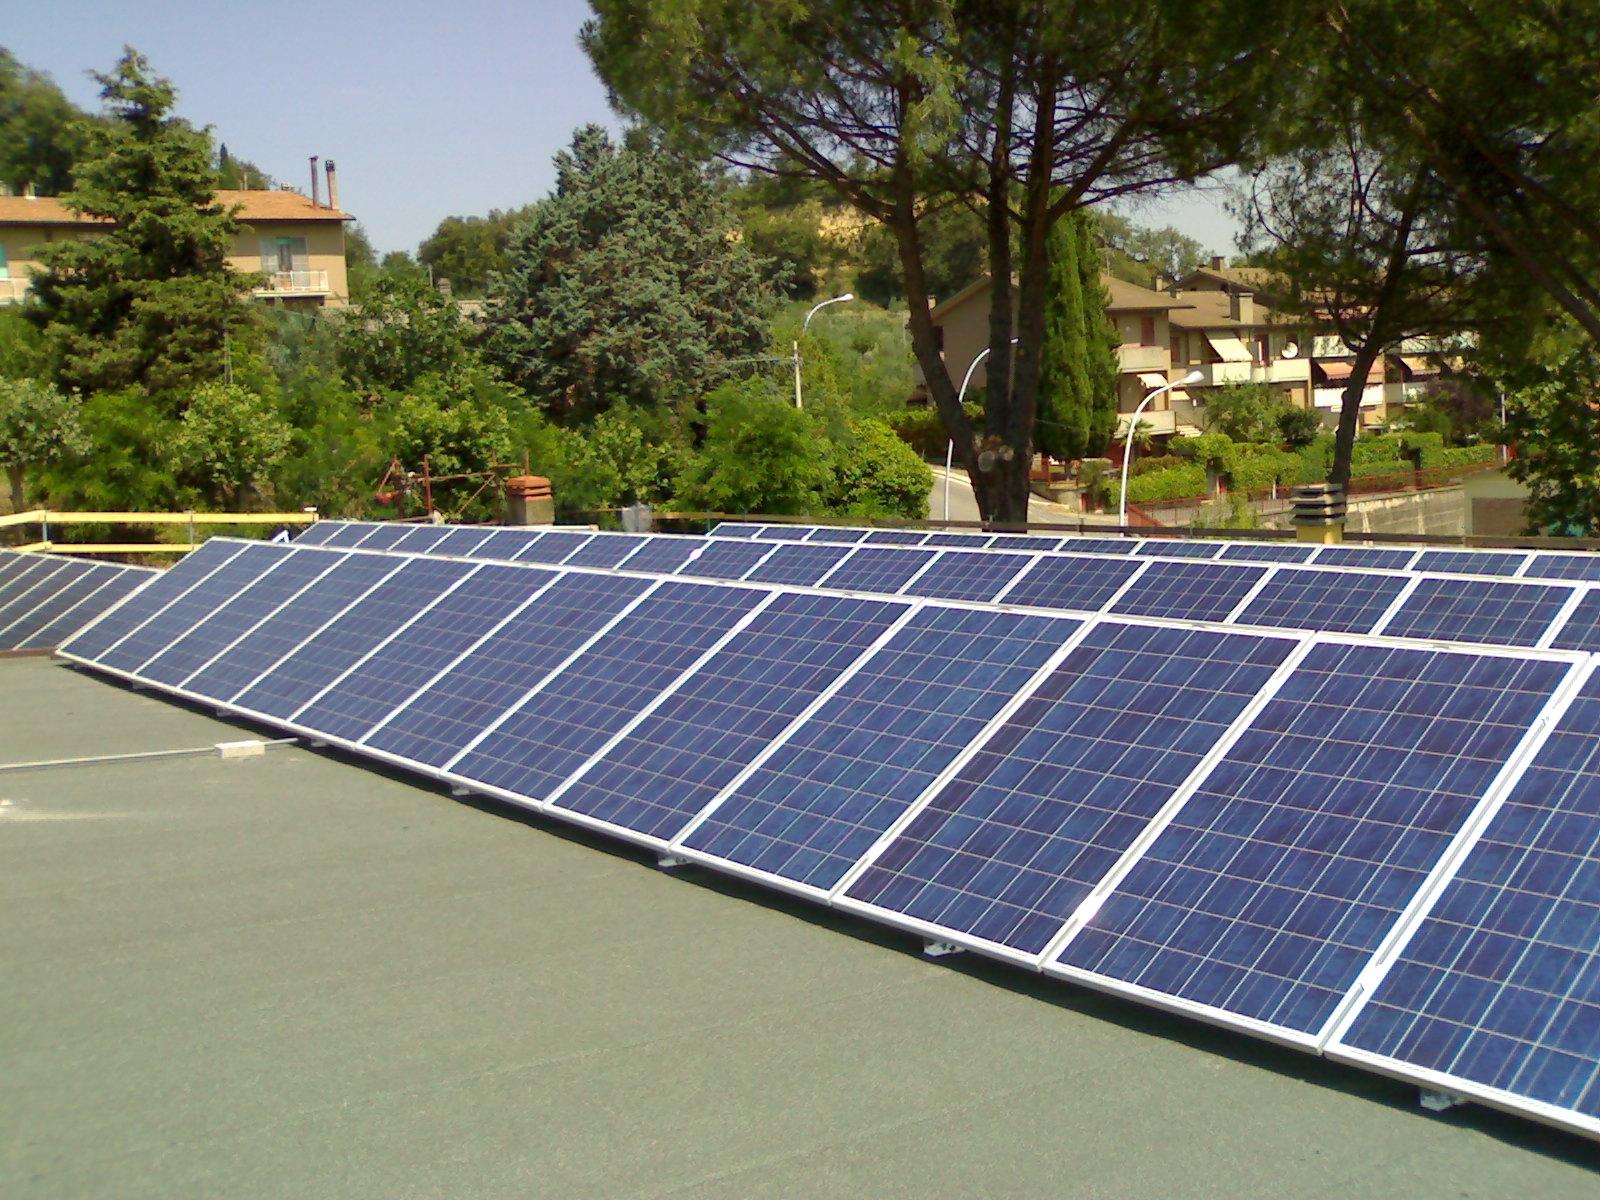 Chianciano punta al fotovoltaico: due impianti nelle Scuole elementari